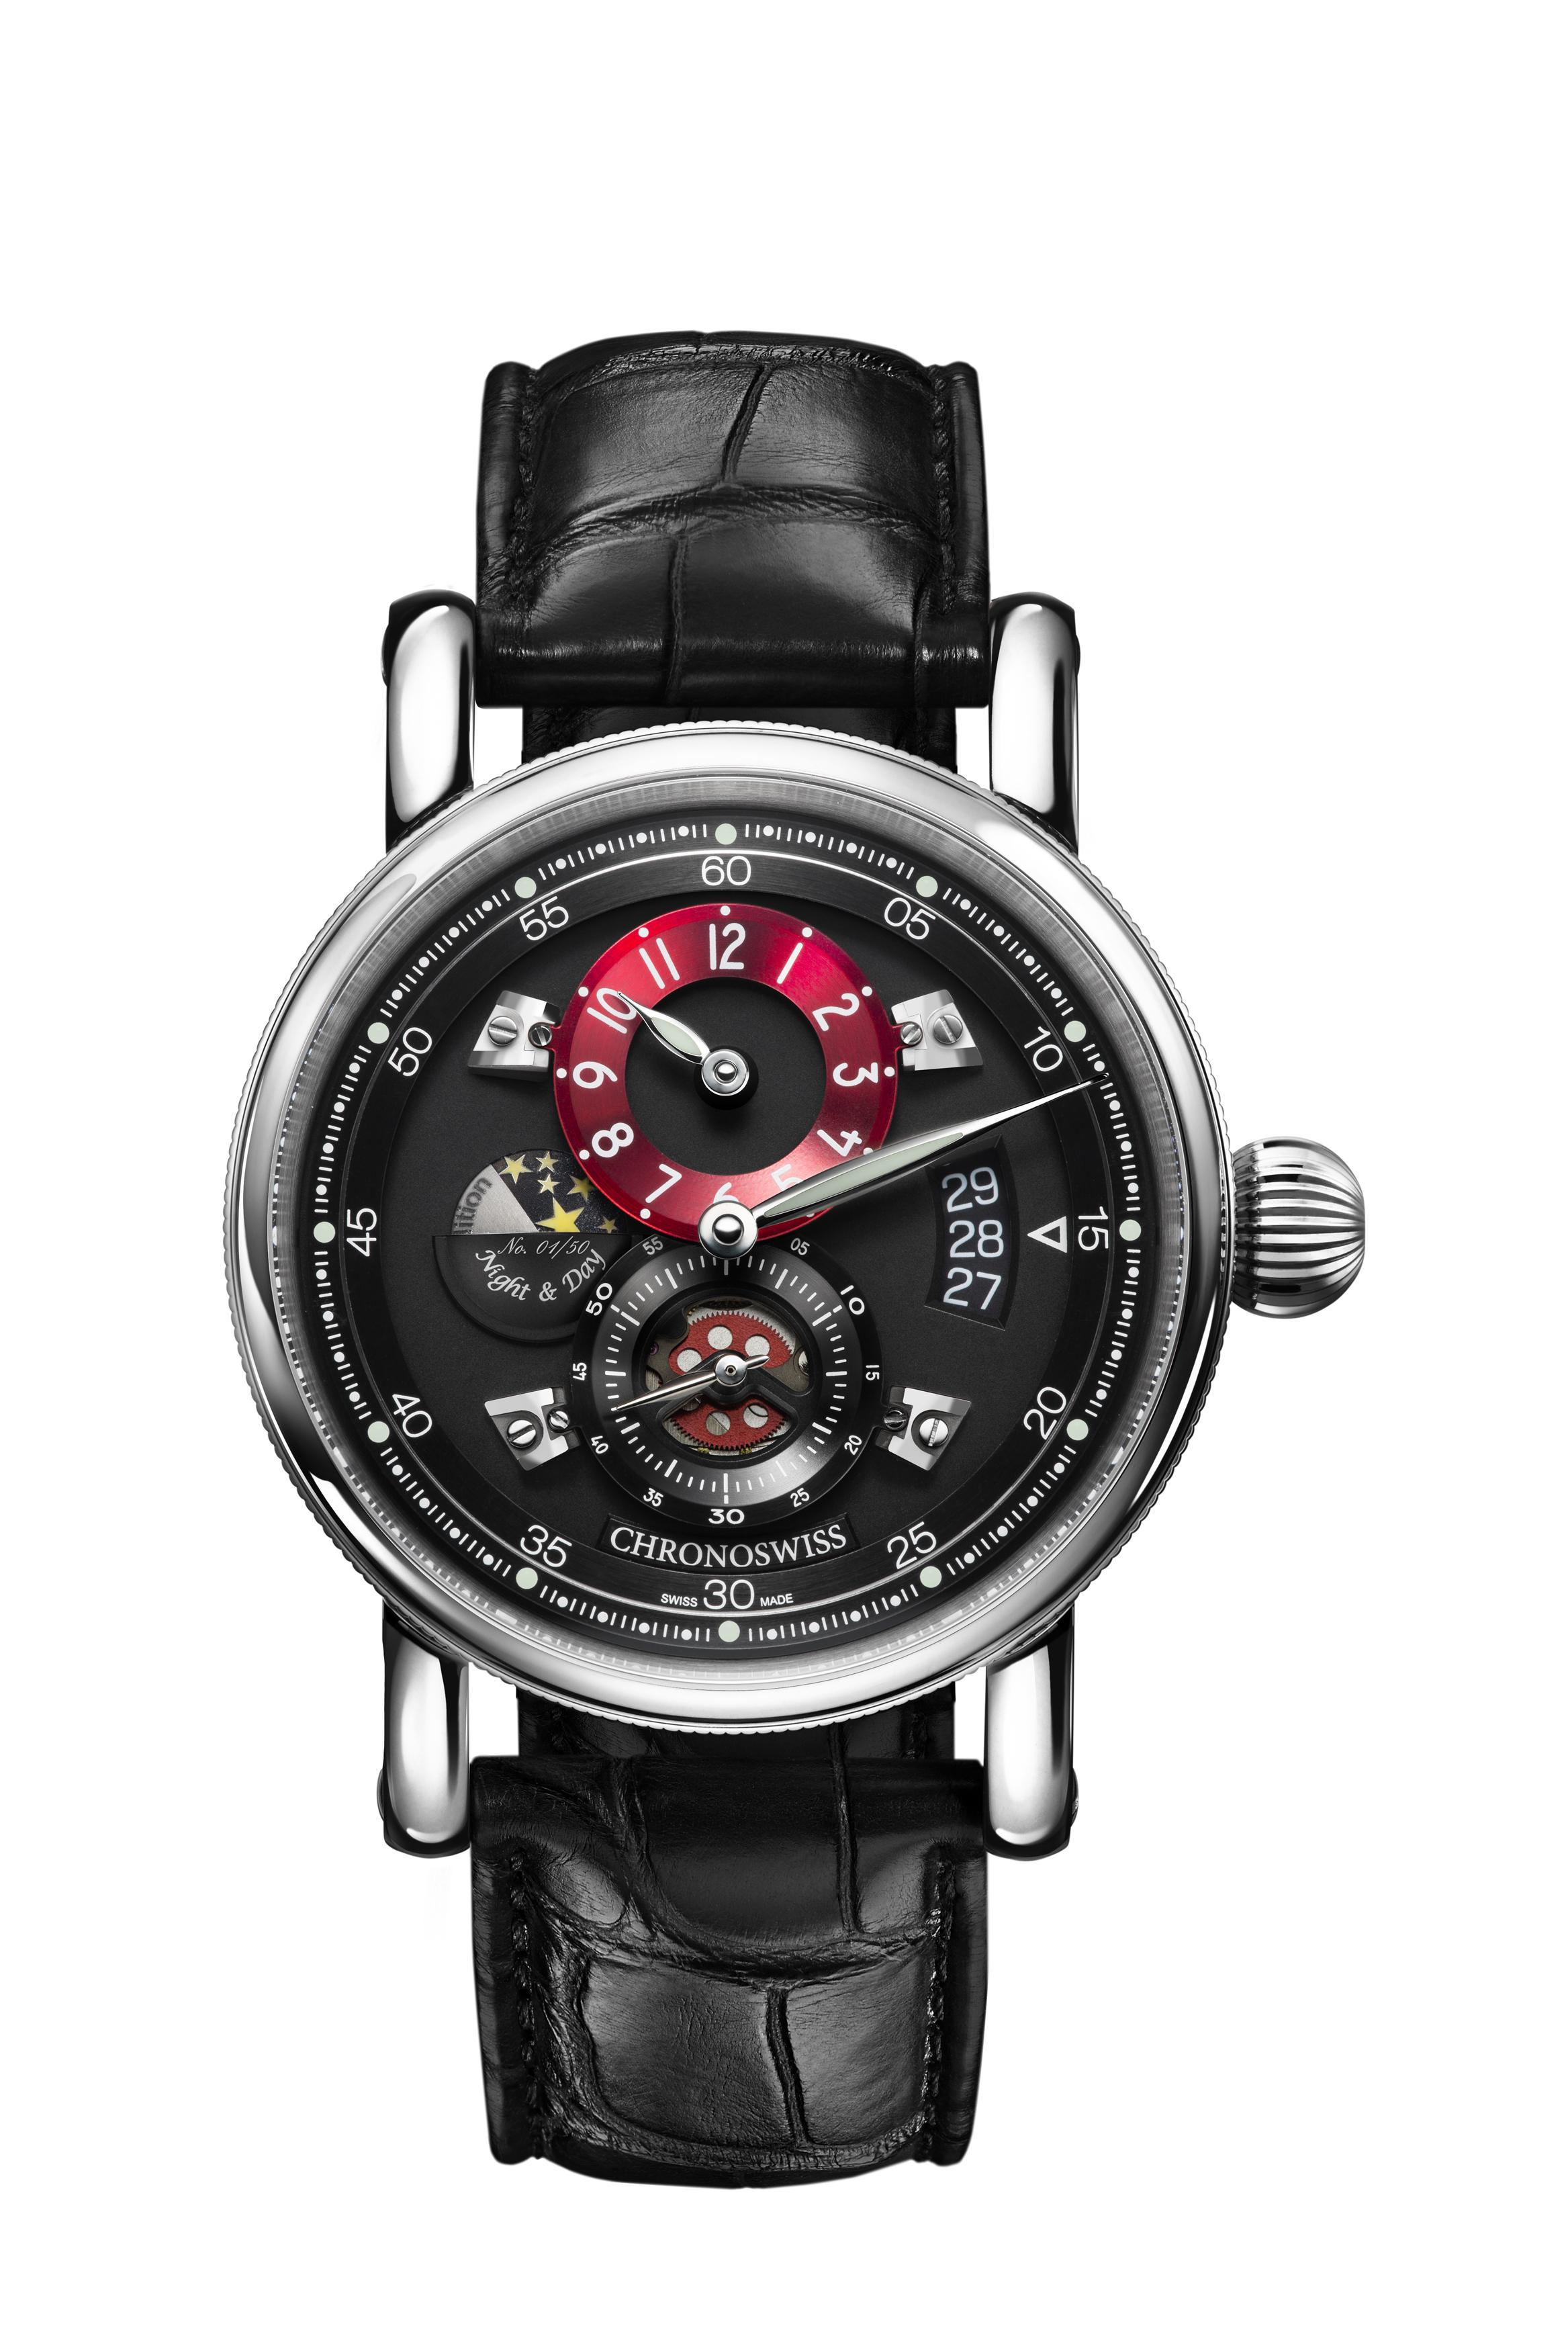 99bebb83f7 クロノスイス(CHRONOSWISS) フライングレギュレーター ナイト&デイ   ブランド腕時計の正規販売店紹介サイトGressive/グレッシブ